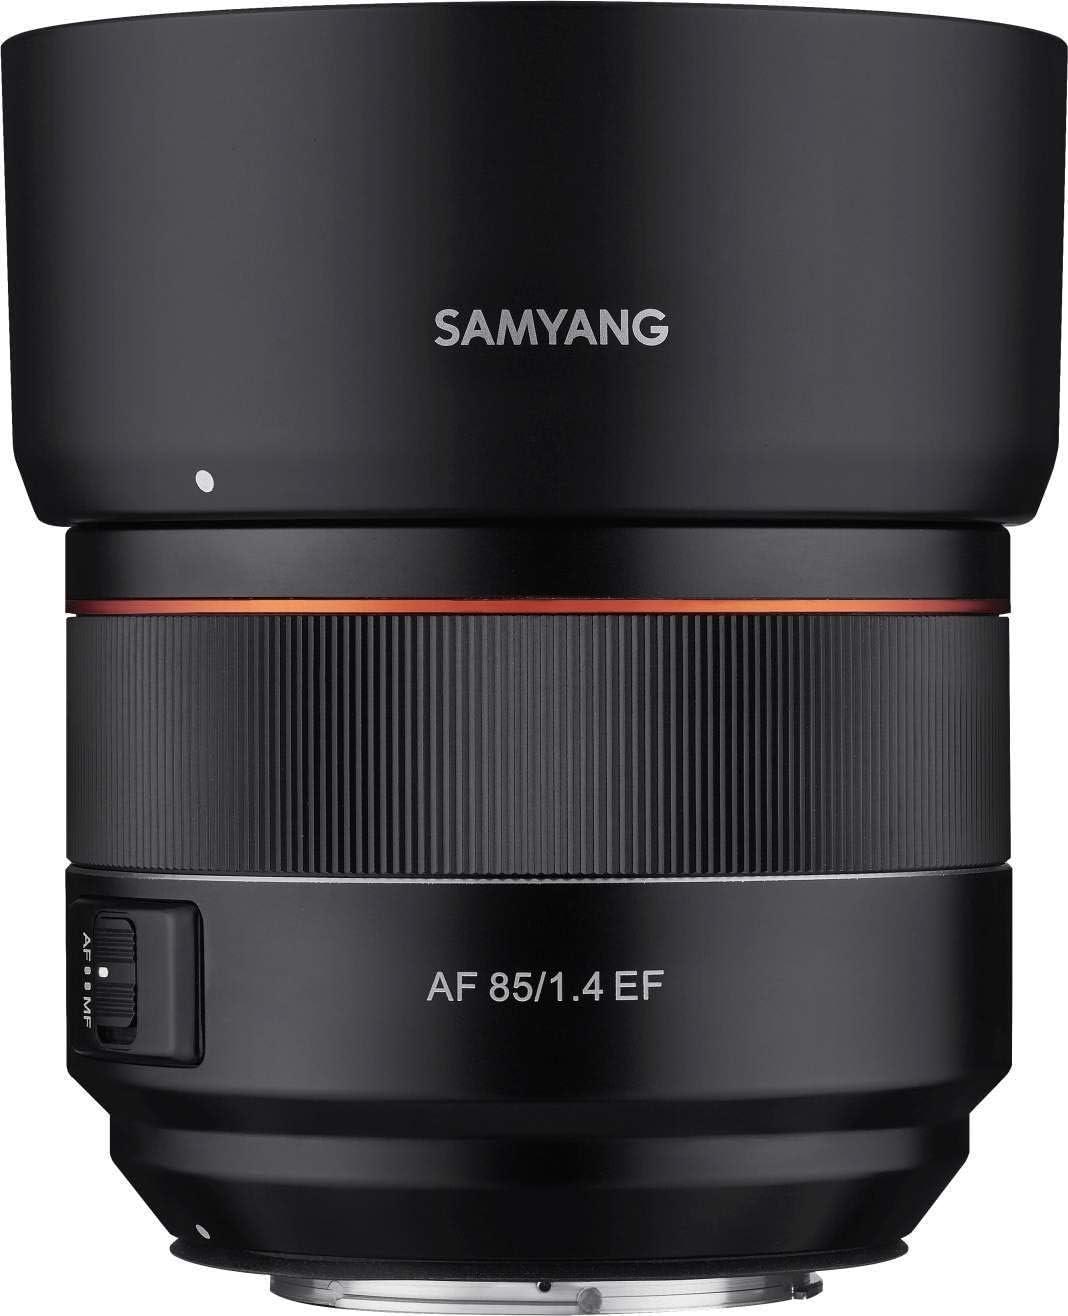 Samyang Af 85mm F1 4 F Für Nikon F 85mm Kamera